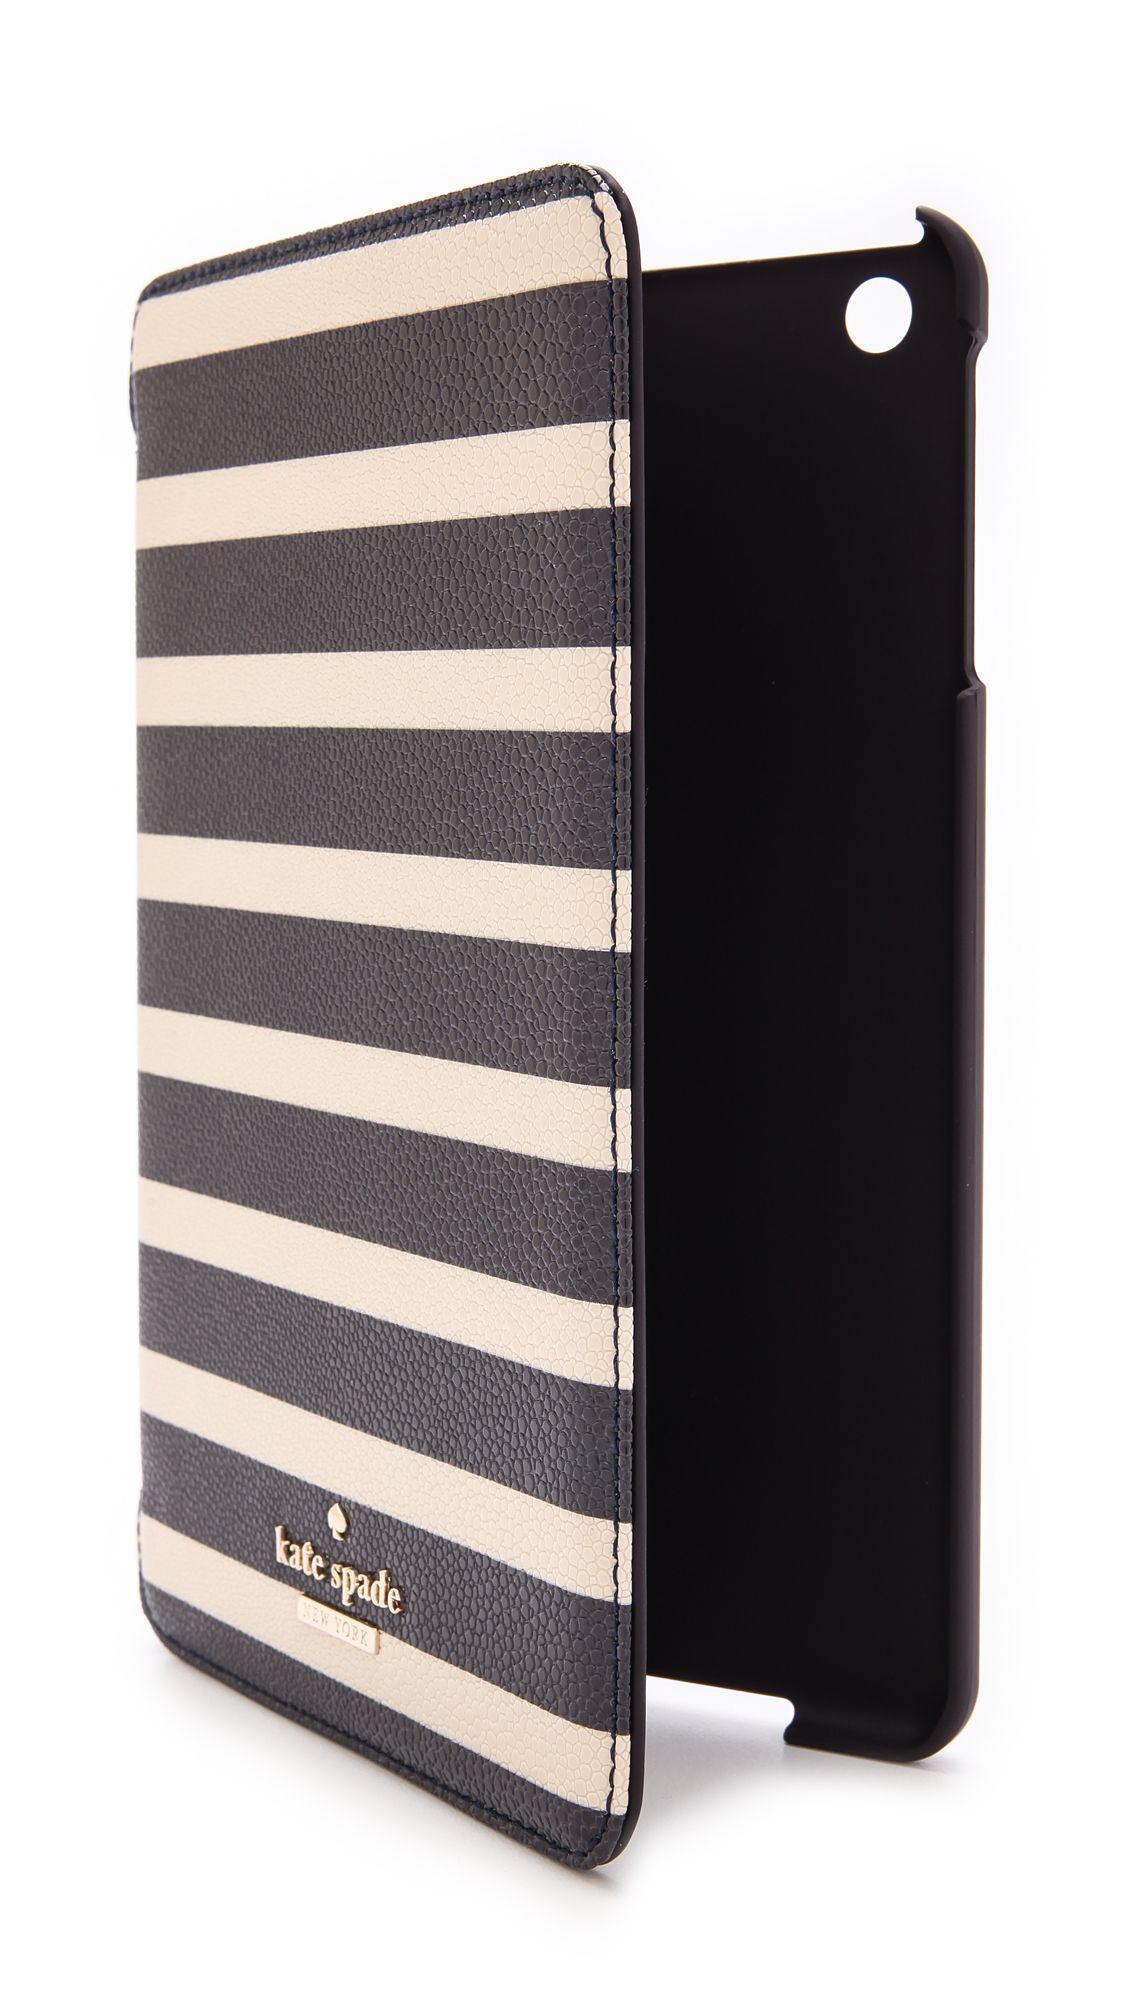 new product 2caf6 50e06 Mariner iPad mini Folio Case | Stuff | Kate spade ipad case, Ipad ...